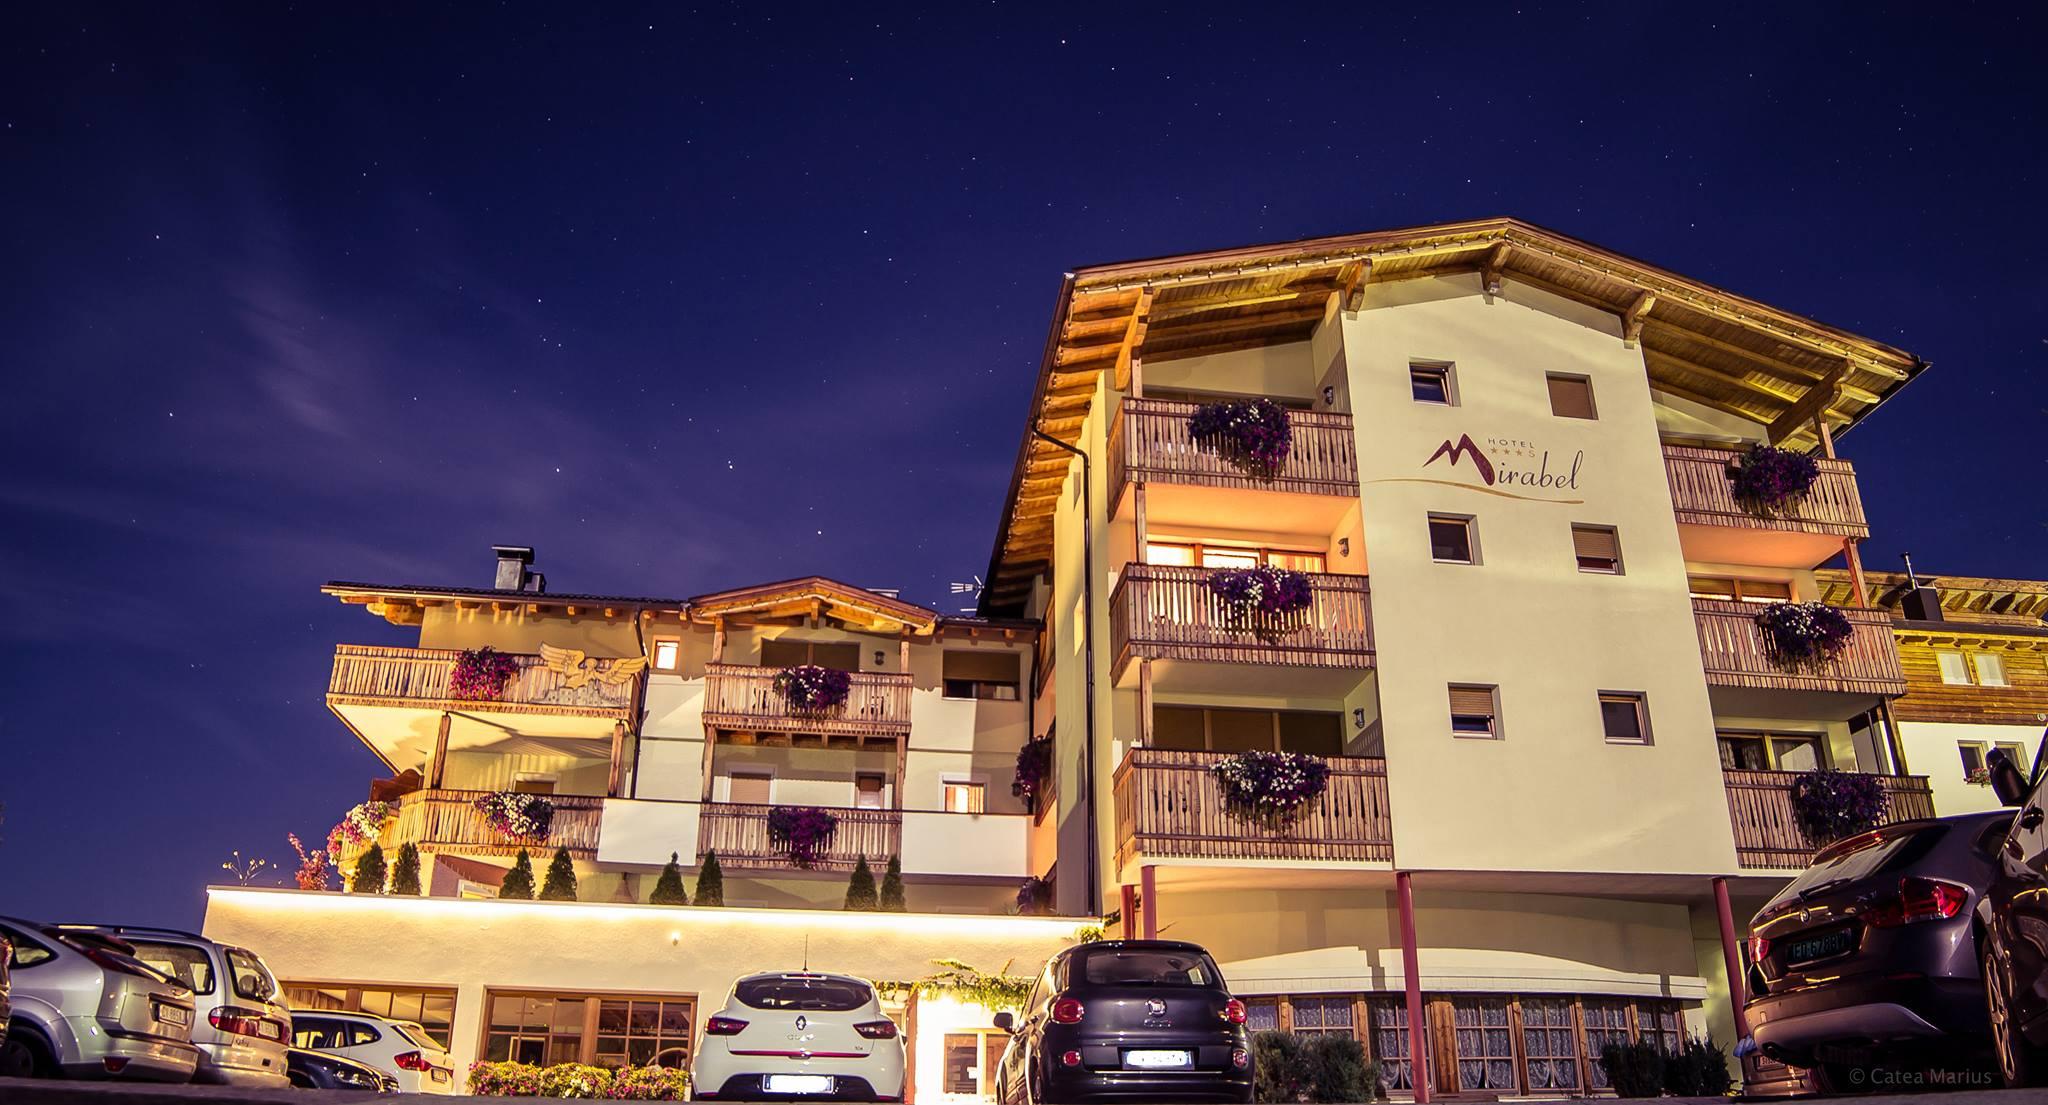 Hotel Mirabel San Vigilio Bz